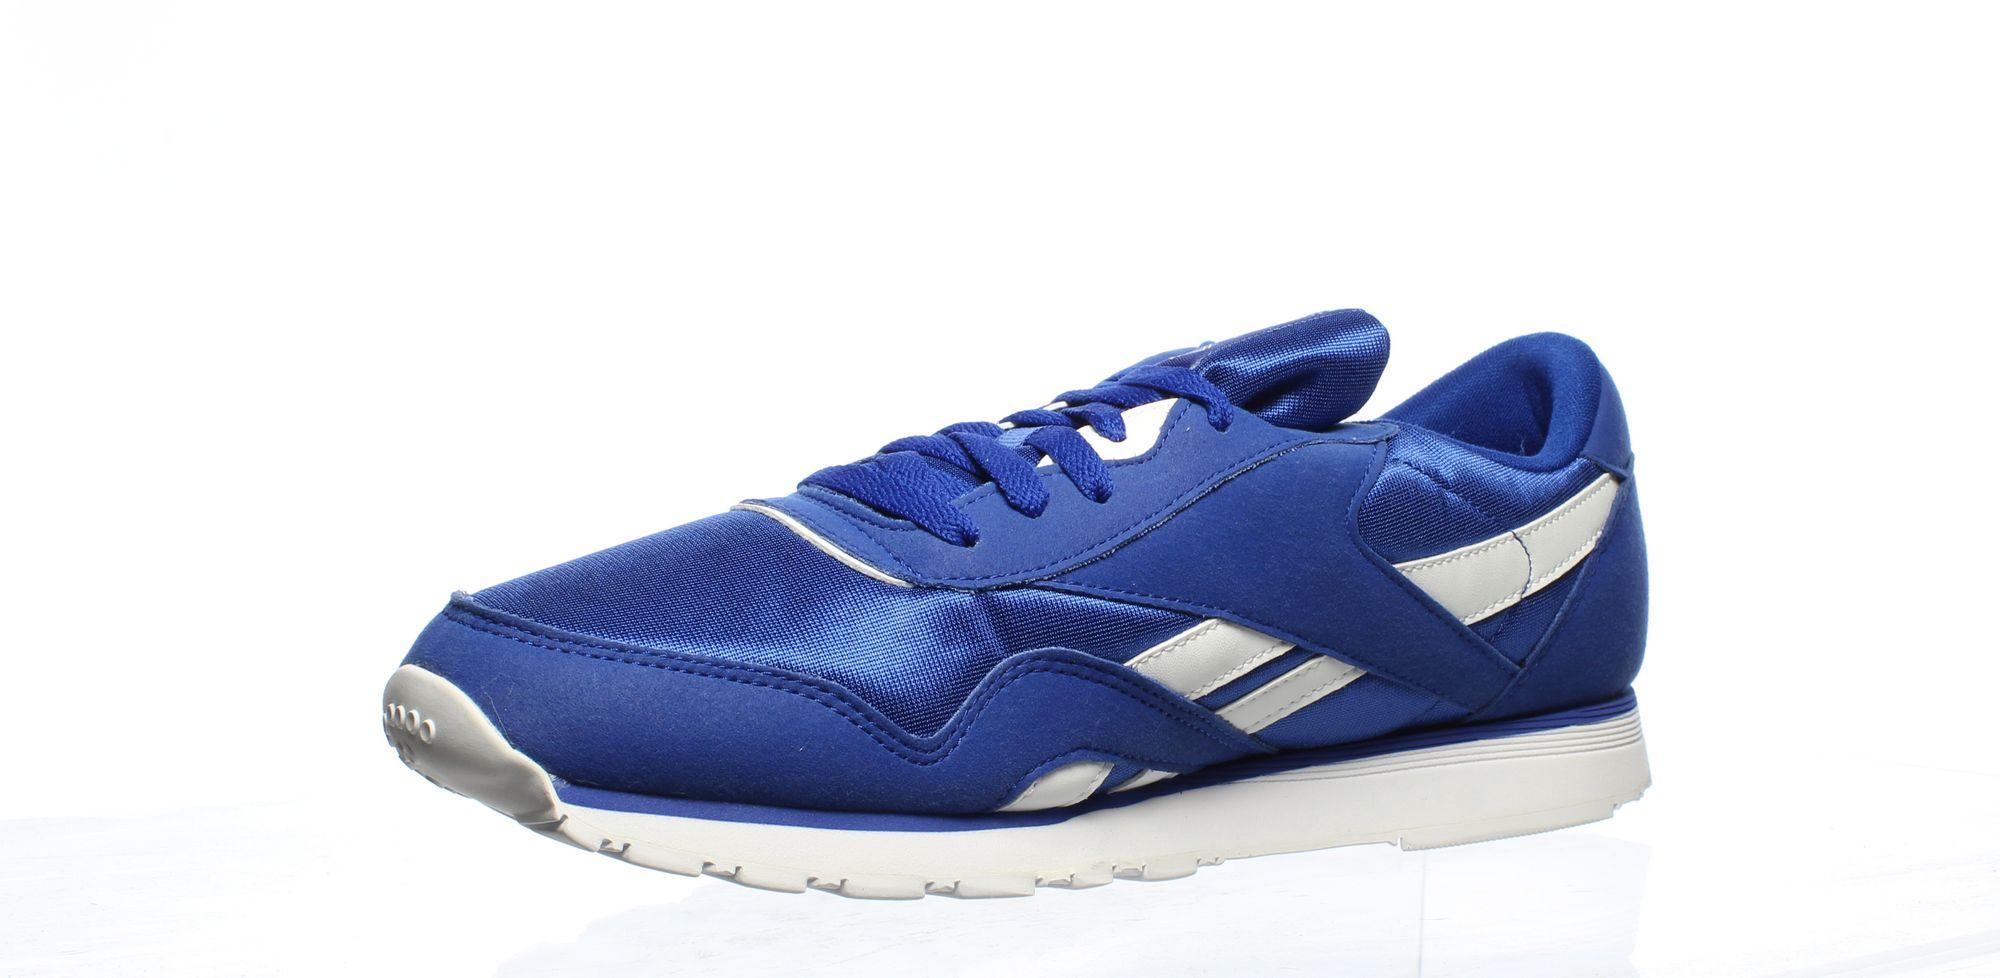 Reebok-Mens-Cl-Nylon-Fashion-Sneakers thumbnail 11